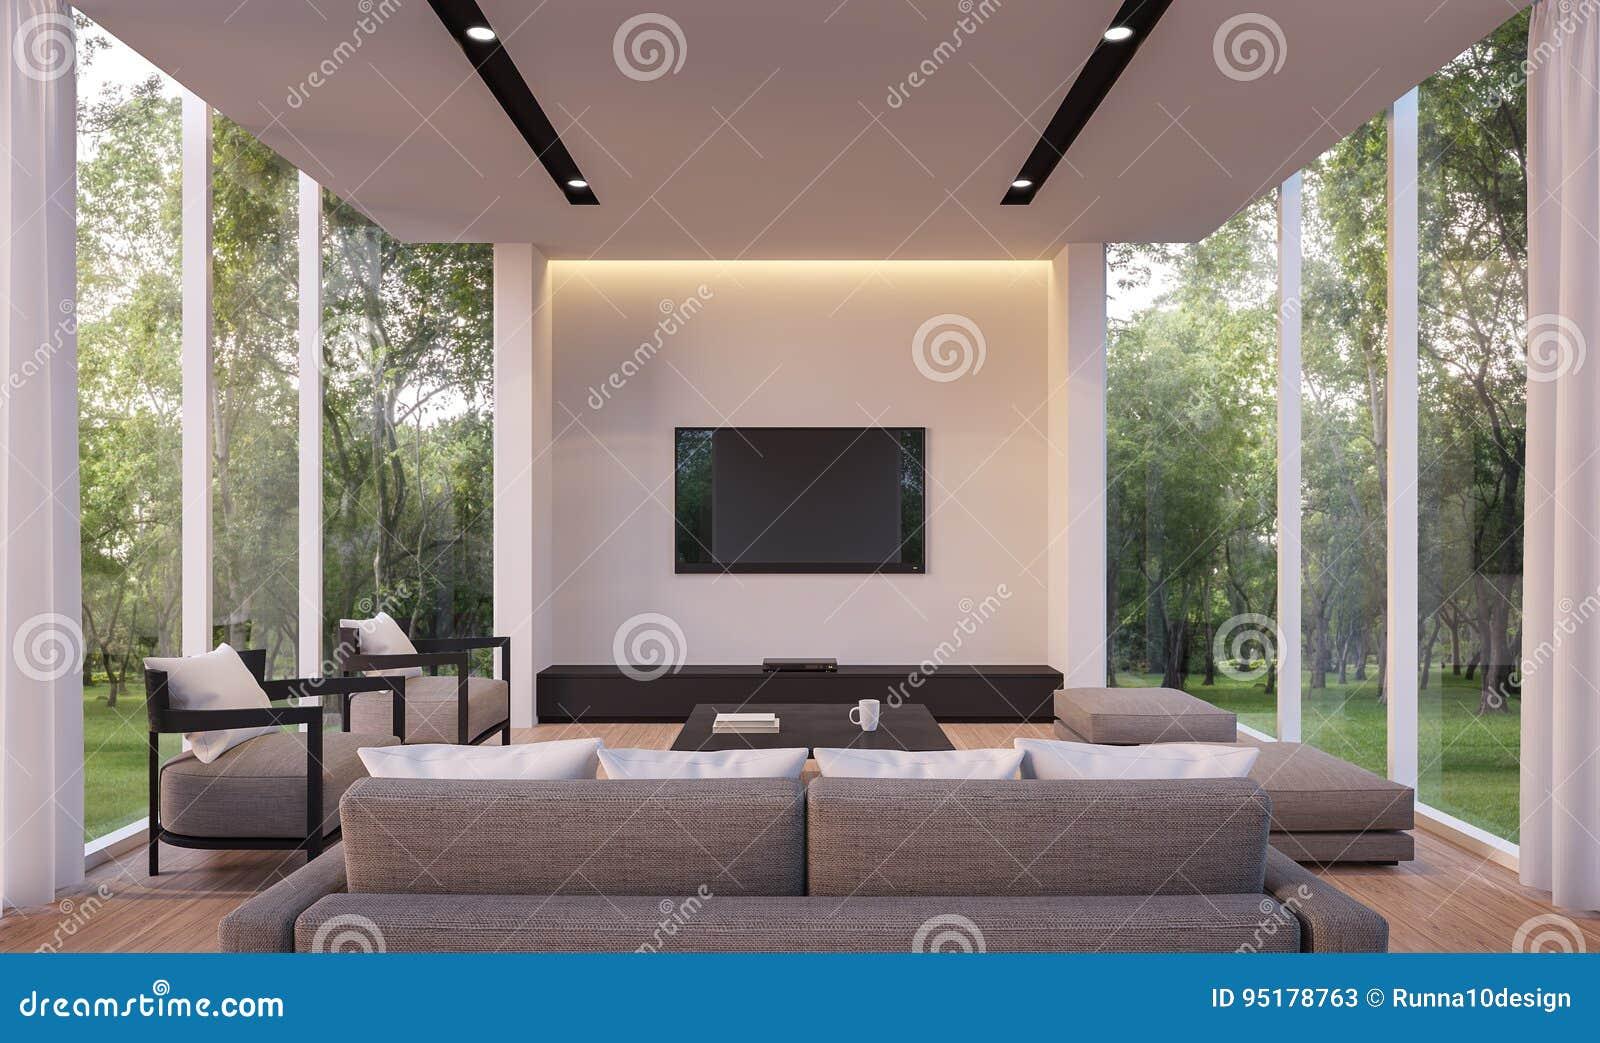 Modernes Wohnzimmer Mit Bild Wiedergabe Der Gartenansicht 3d Weißes  Wohnzimmer Mit Glaswand Holzfußboden Umgeben Durch Die Gärten, Versorgt Mit  Grauen ...